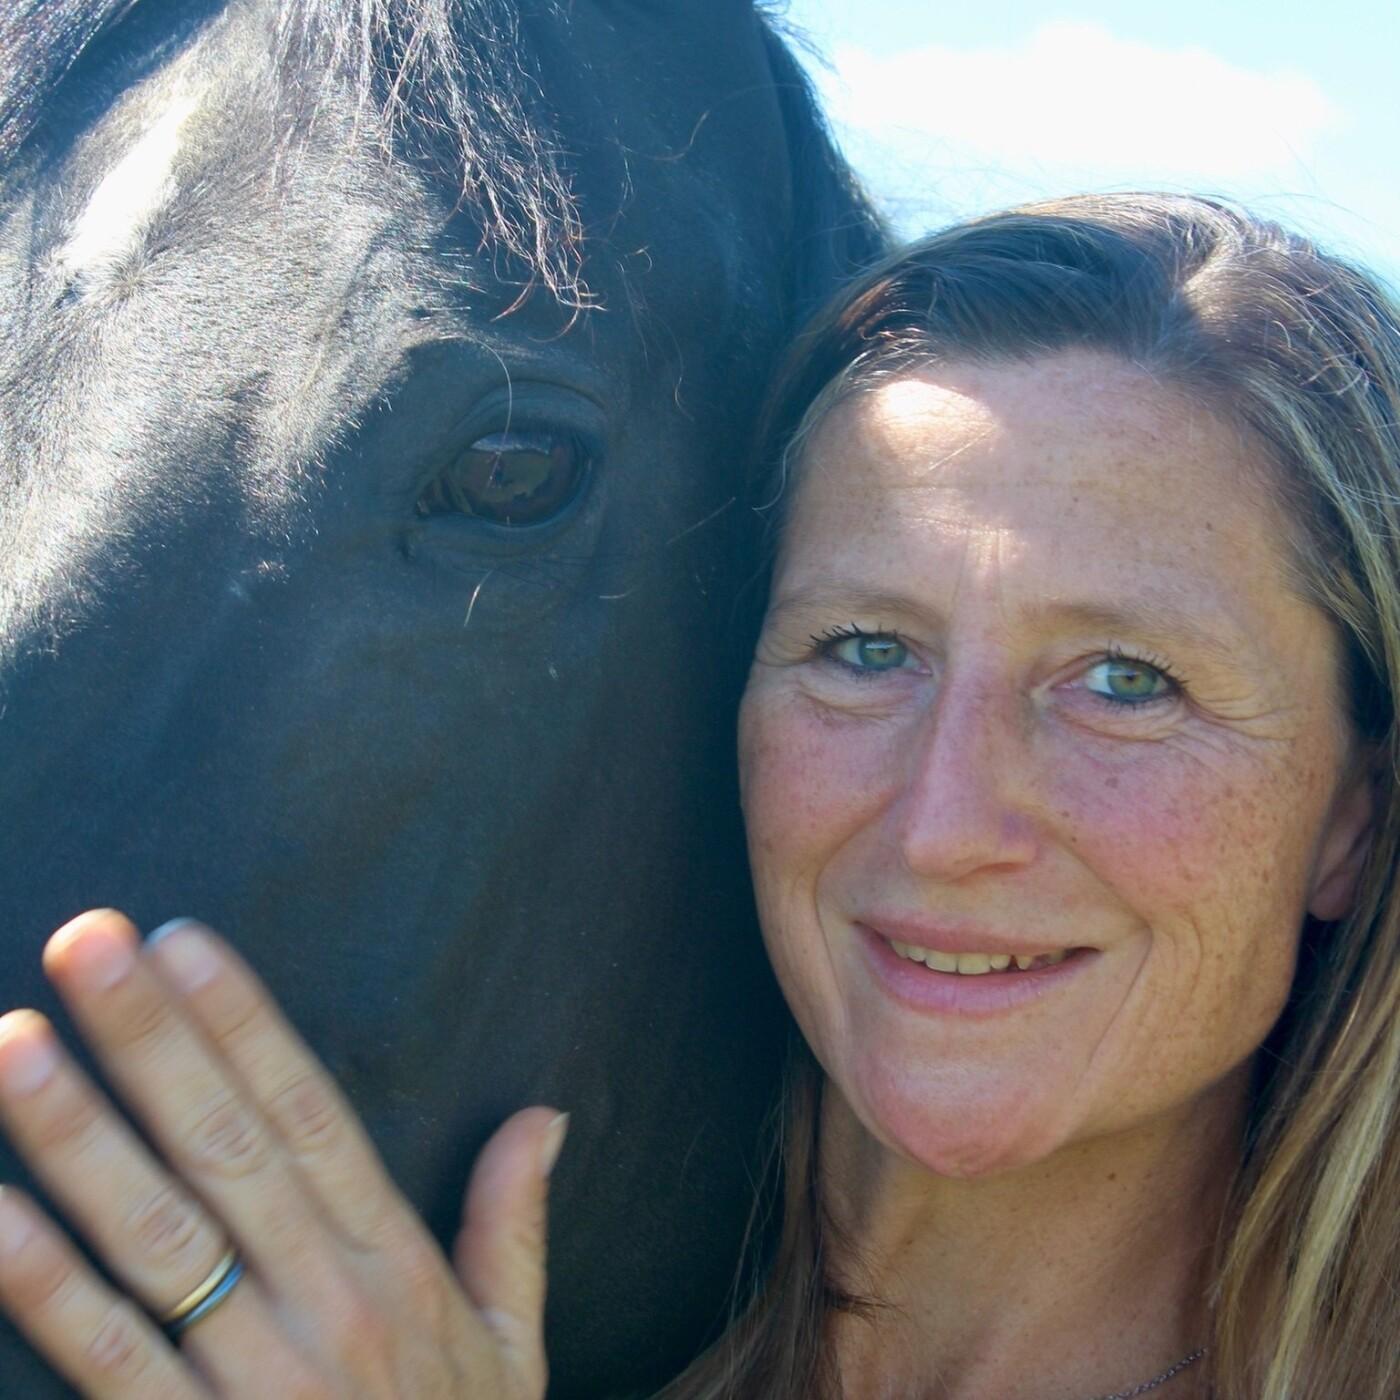 Un Français dans le monde : Anouk présente Wasabi Coaching & ses chevaux ! - 02 07 2021 - StereoChic Radio